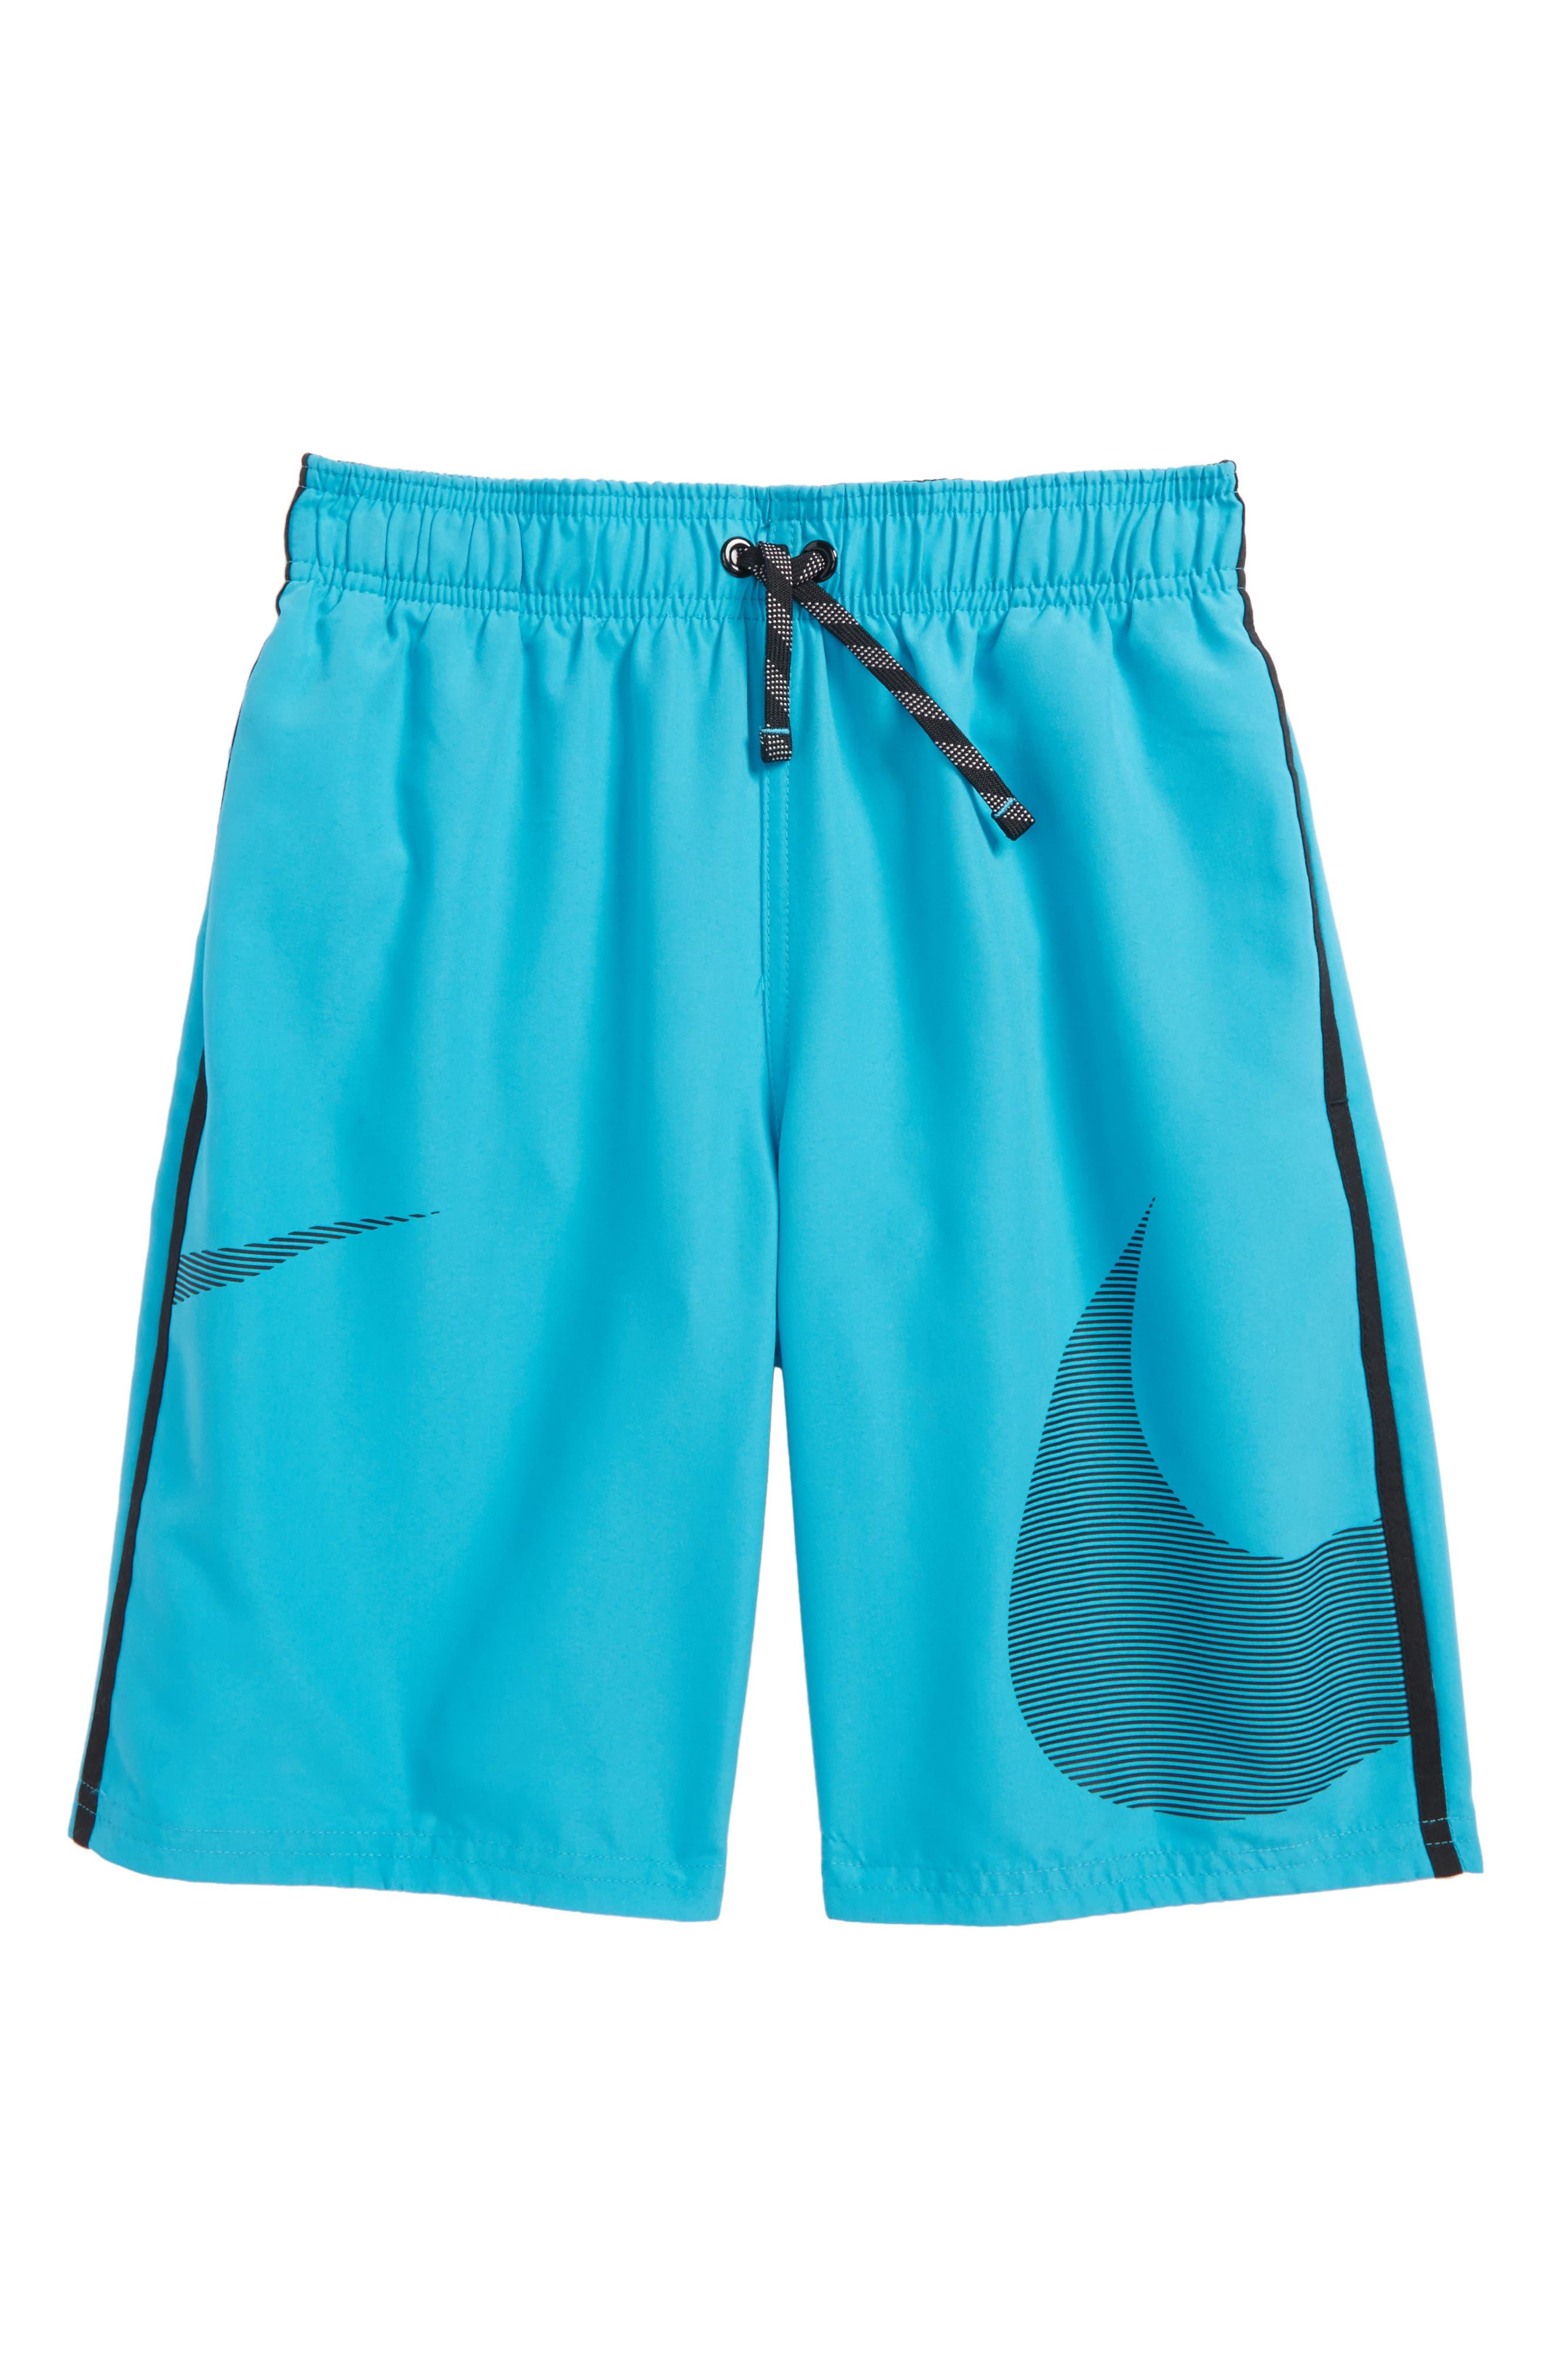 Diverge Volley Shorts,                             Main thumbnail 3, color,